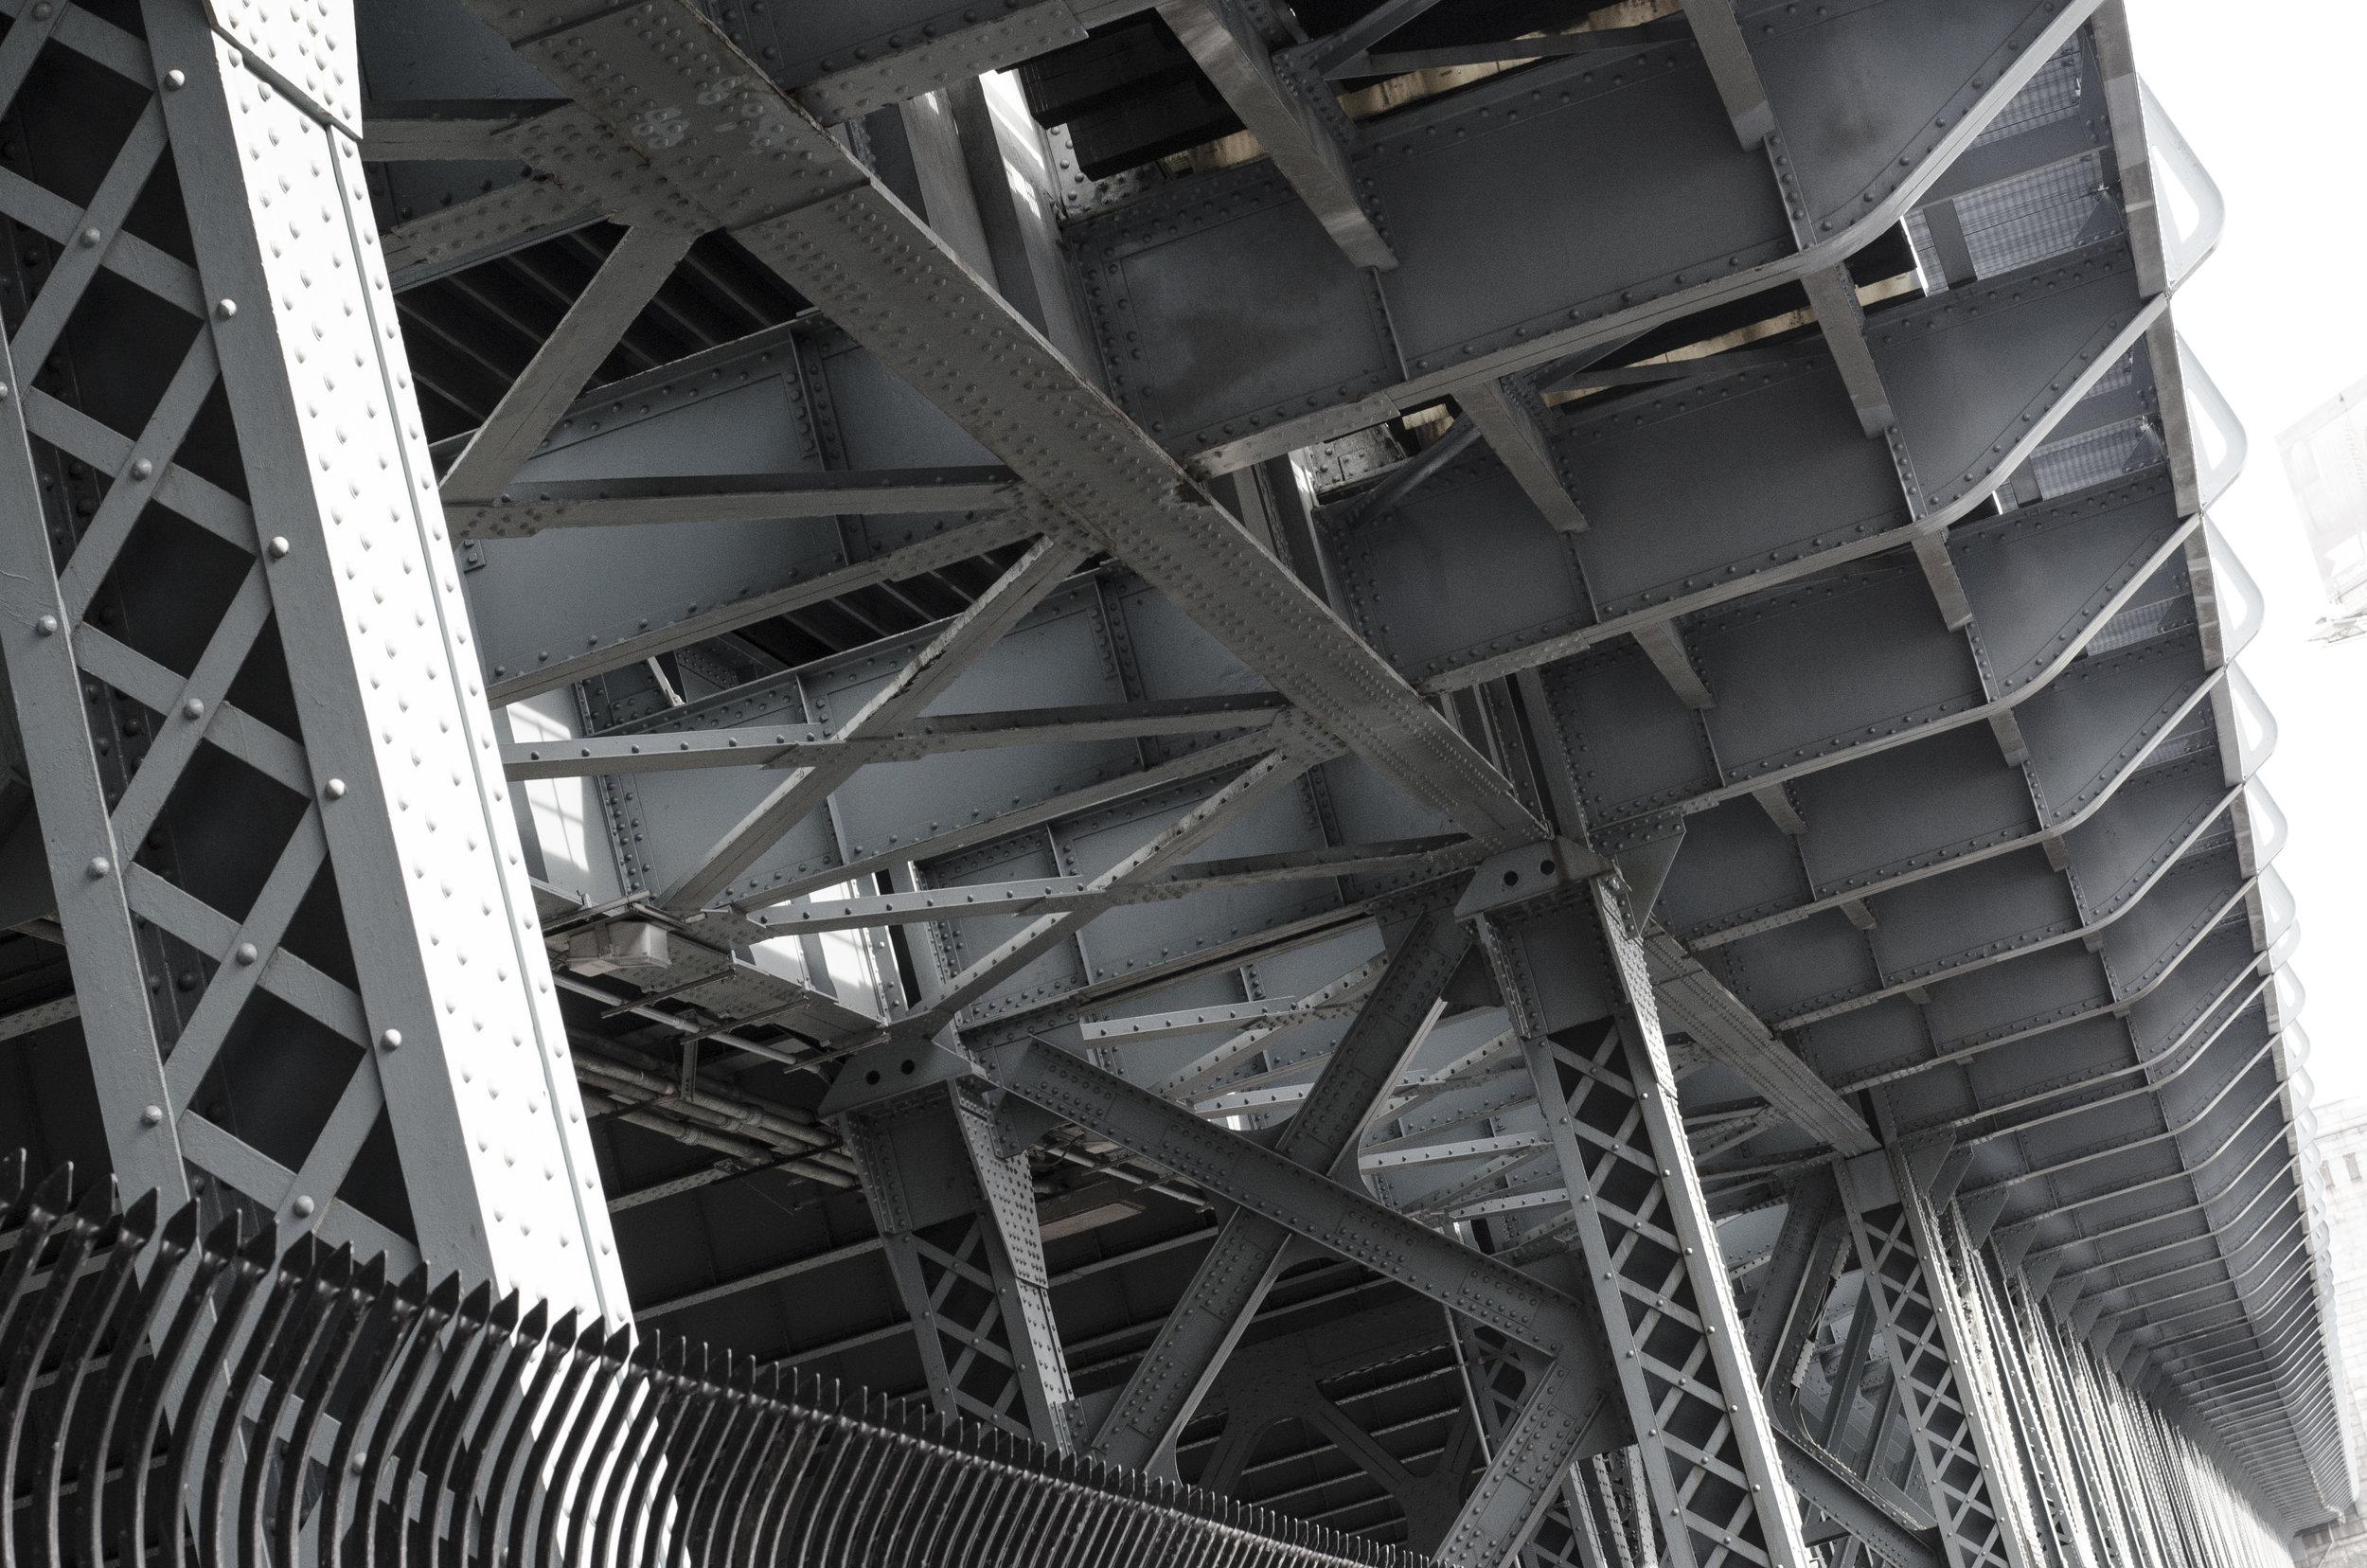 steel-lines_39147002481_o.jpg